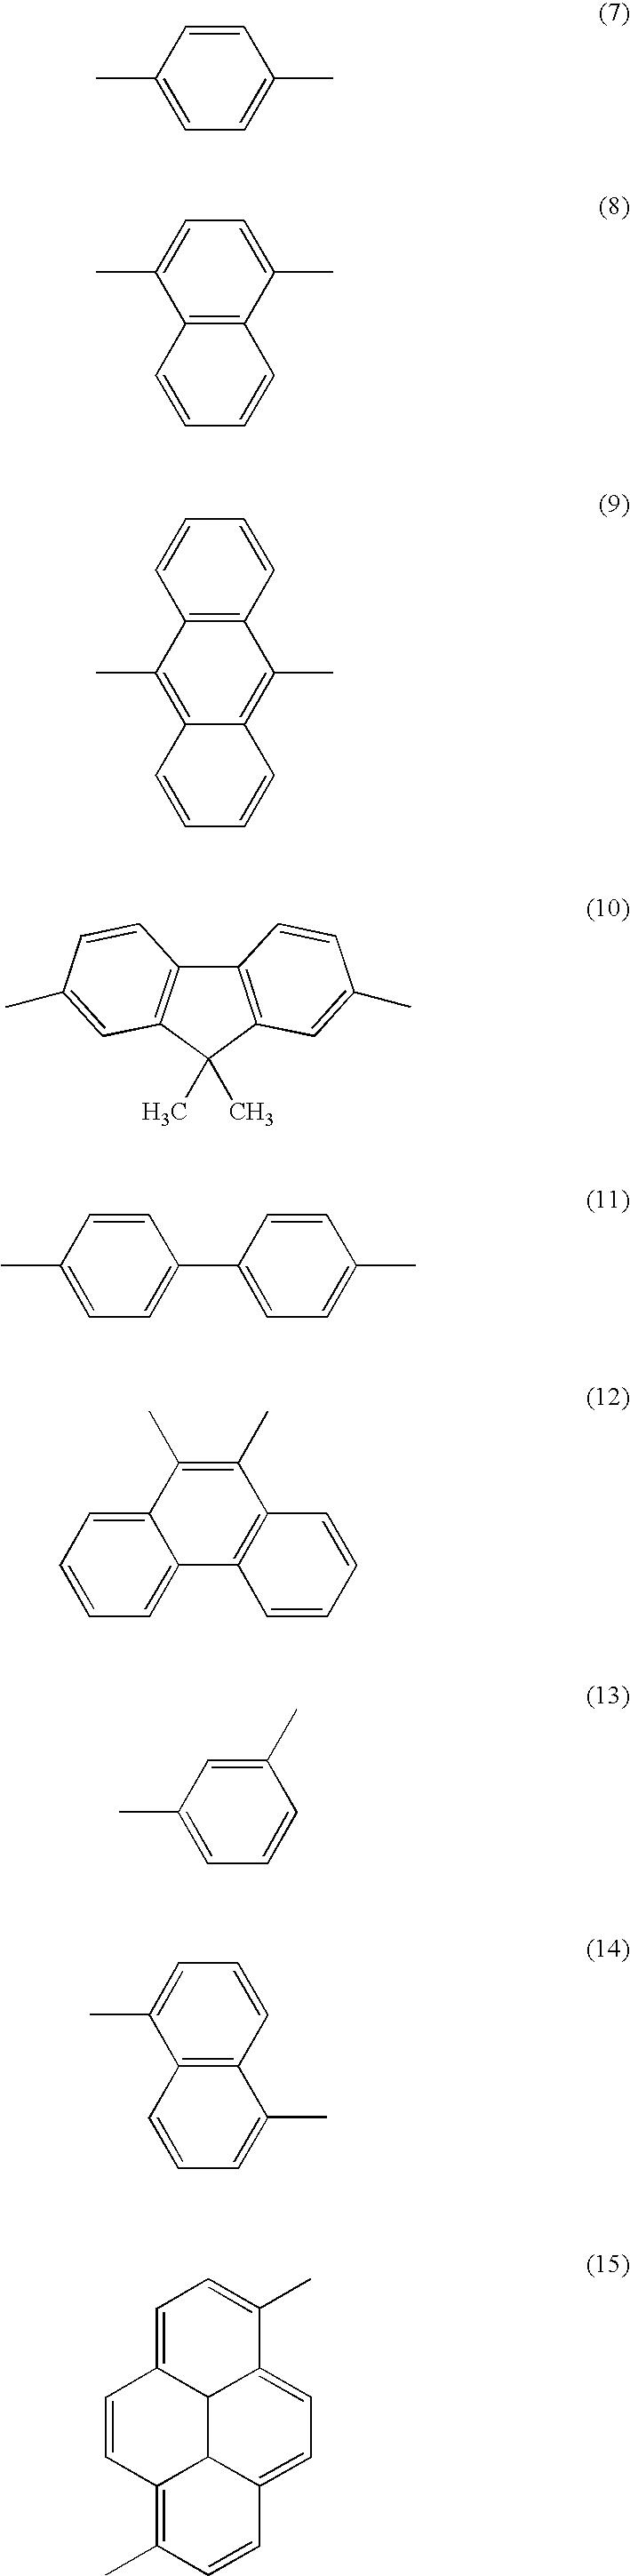 Figure US20090058267A1-20090305-C00014